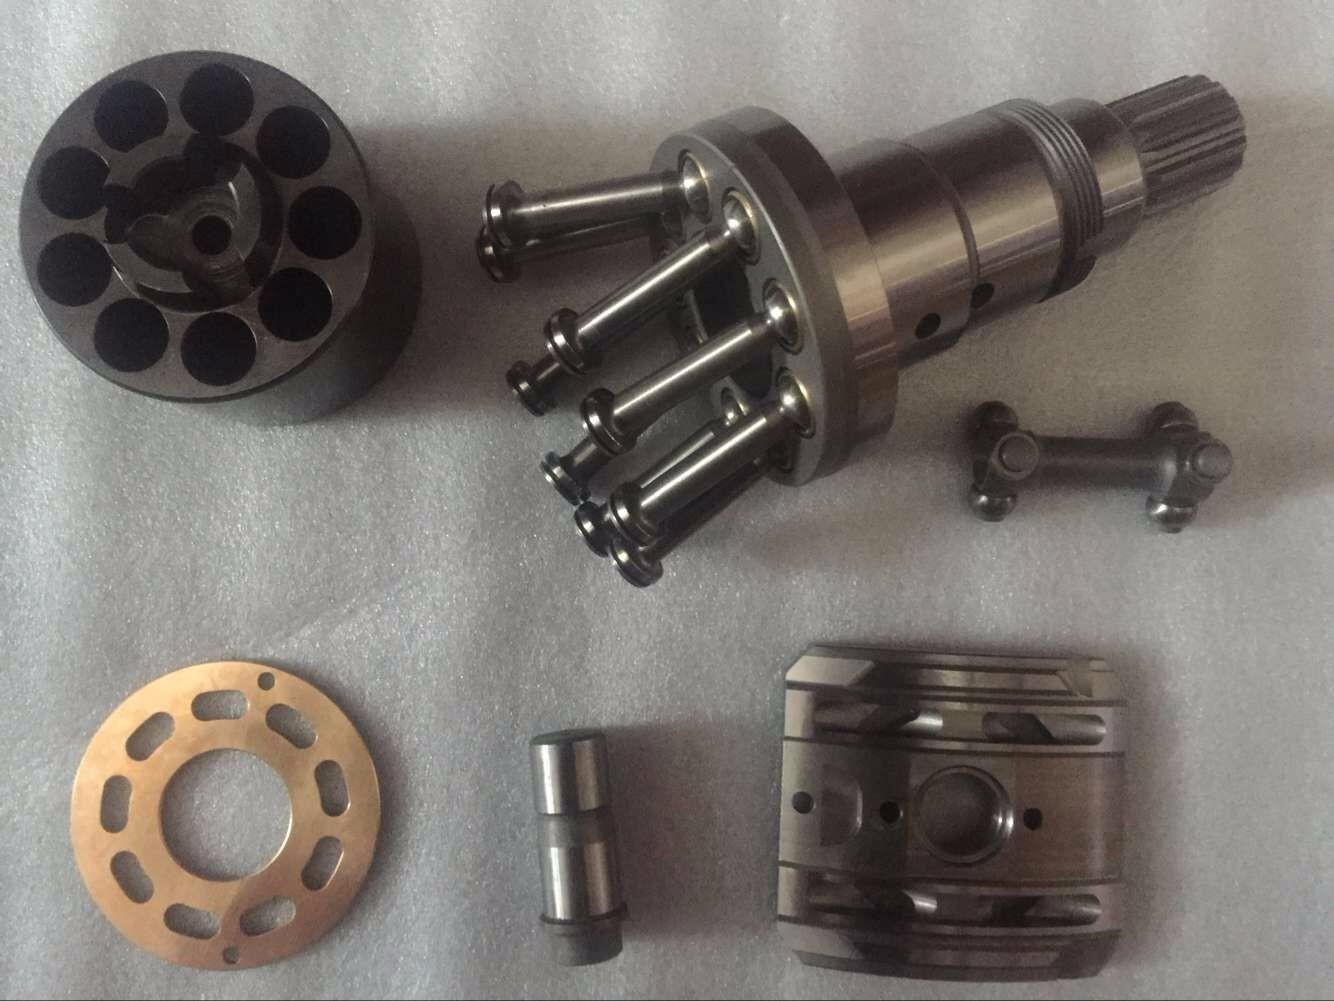 Durable Sauer Danfoss Pump Parts 51C060 51C080 51C110 51C160 51V060 51V080 51V110